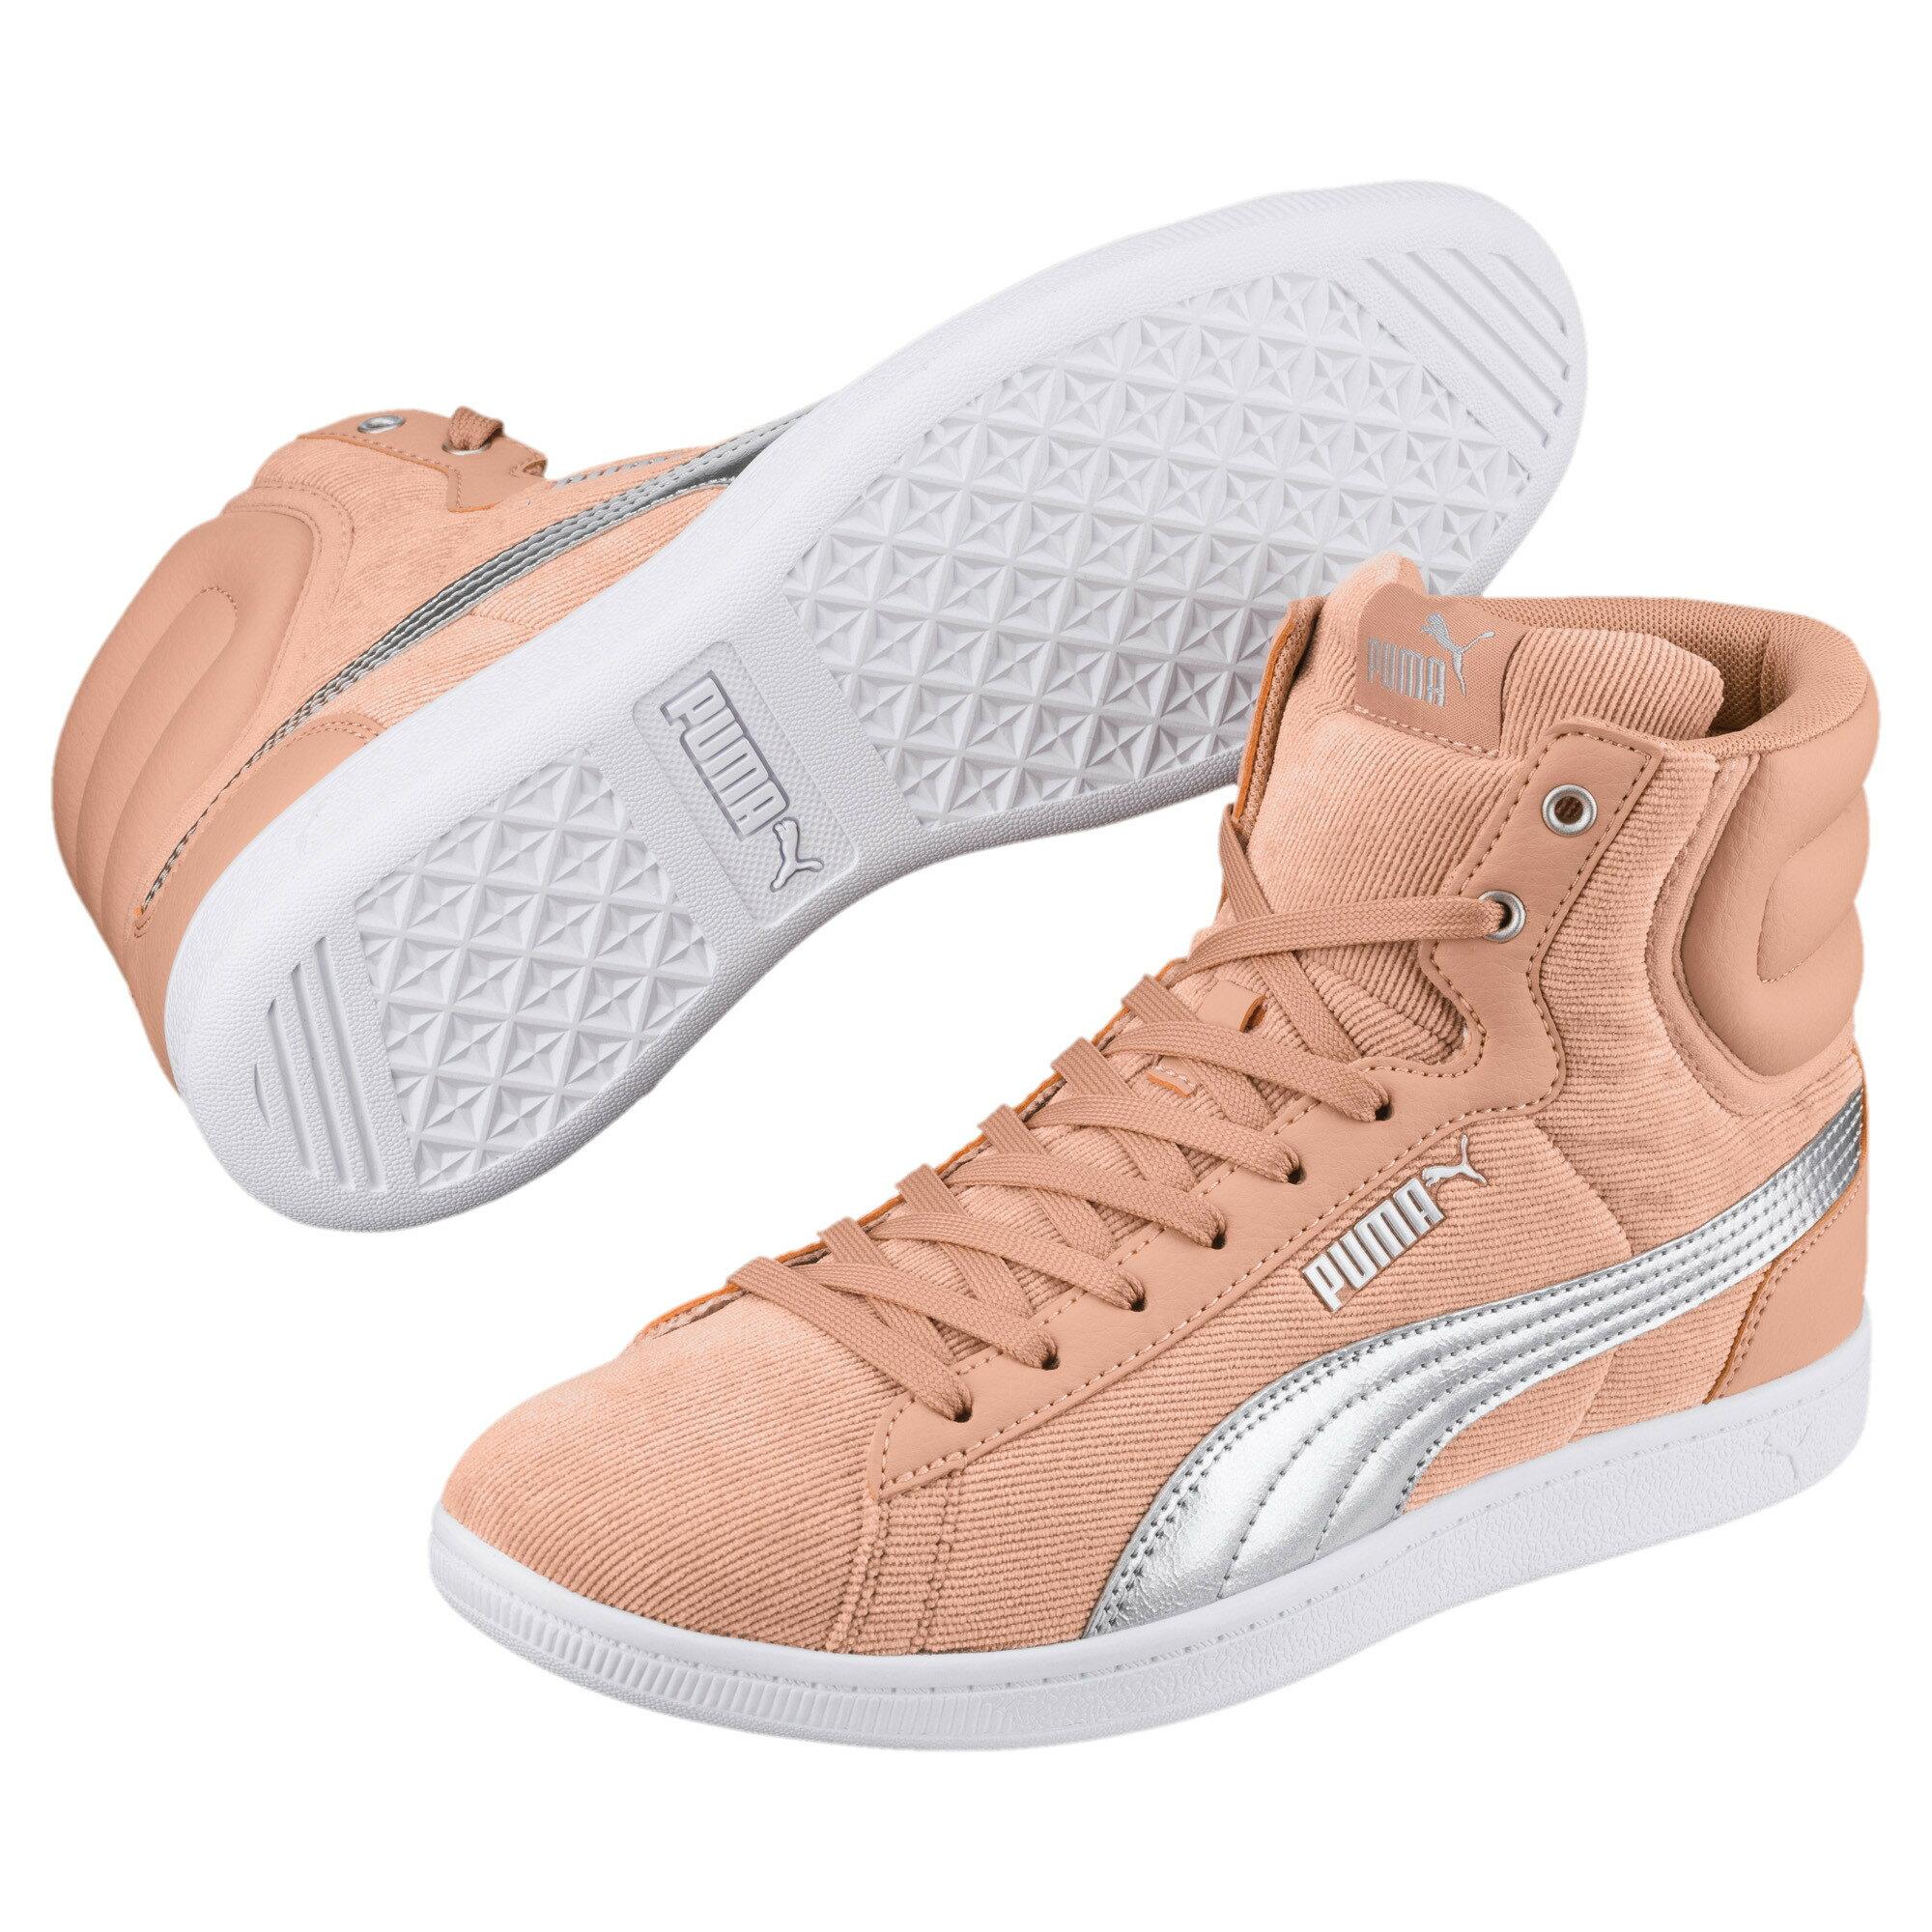 ea42d42842b34f Official Puma Store  Puma Vikky Mid Cord Women s Sneakers